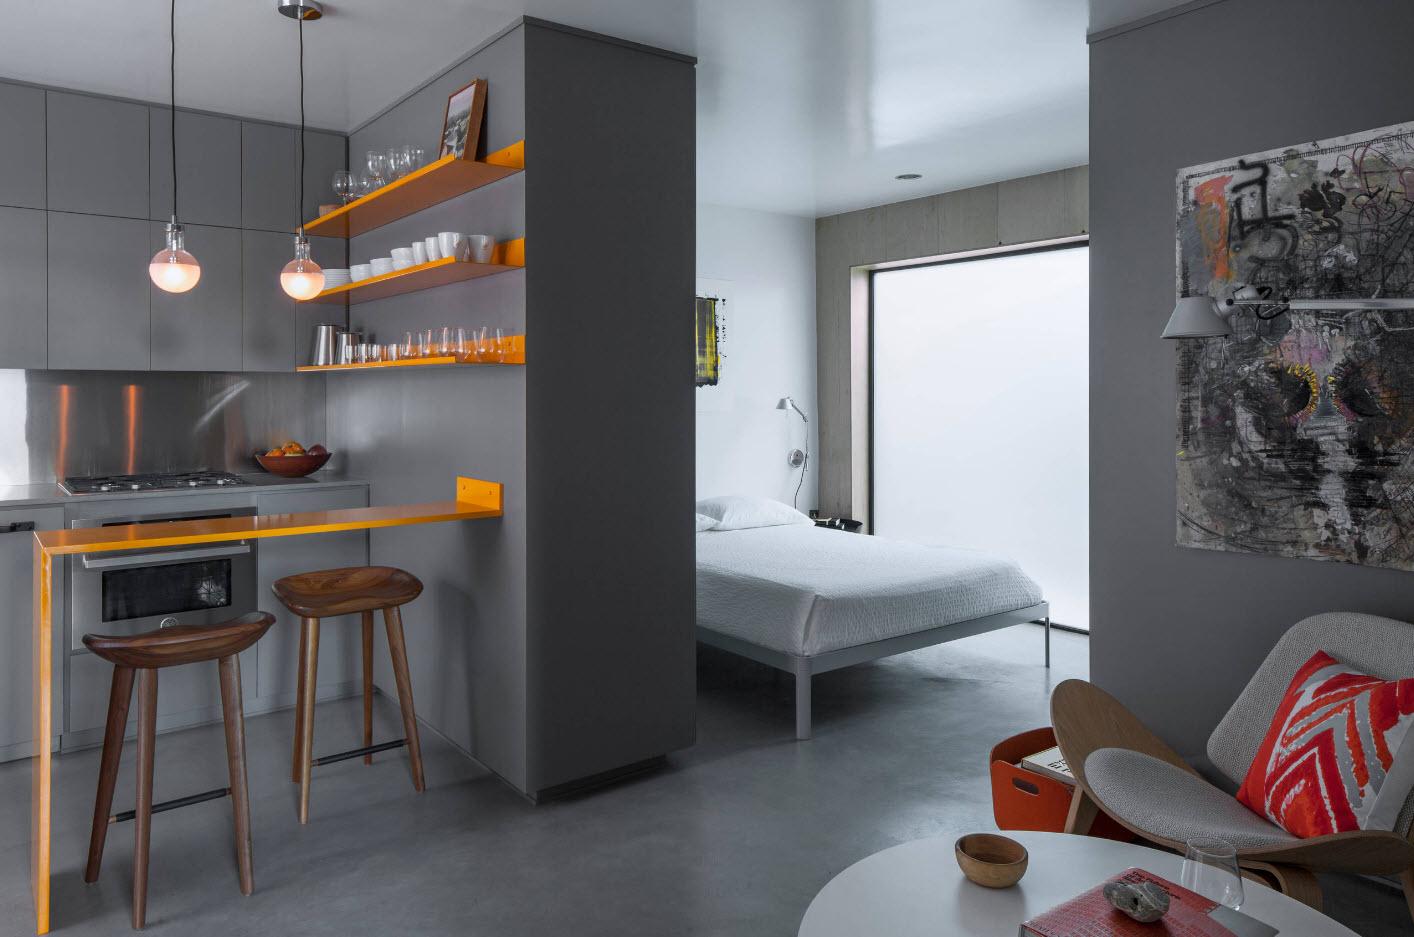 Шкаф-перегородка между спальней и кухней